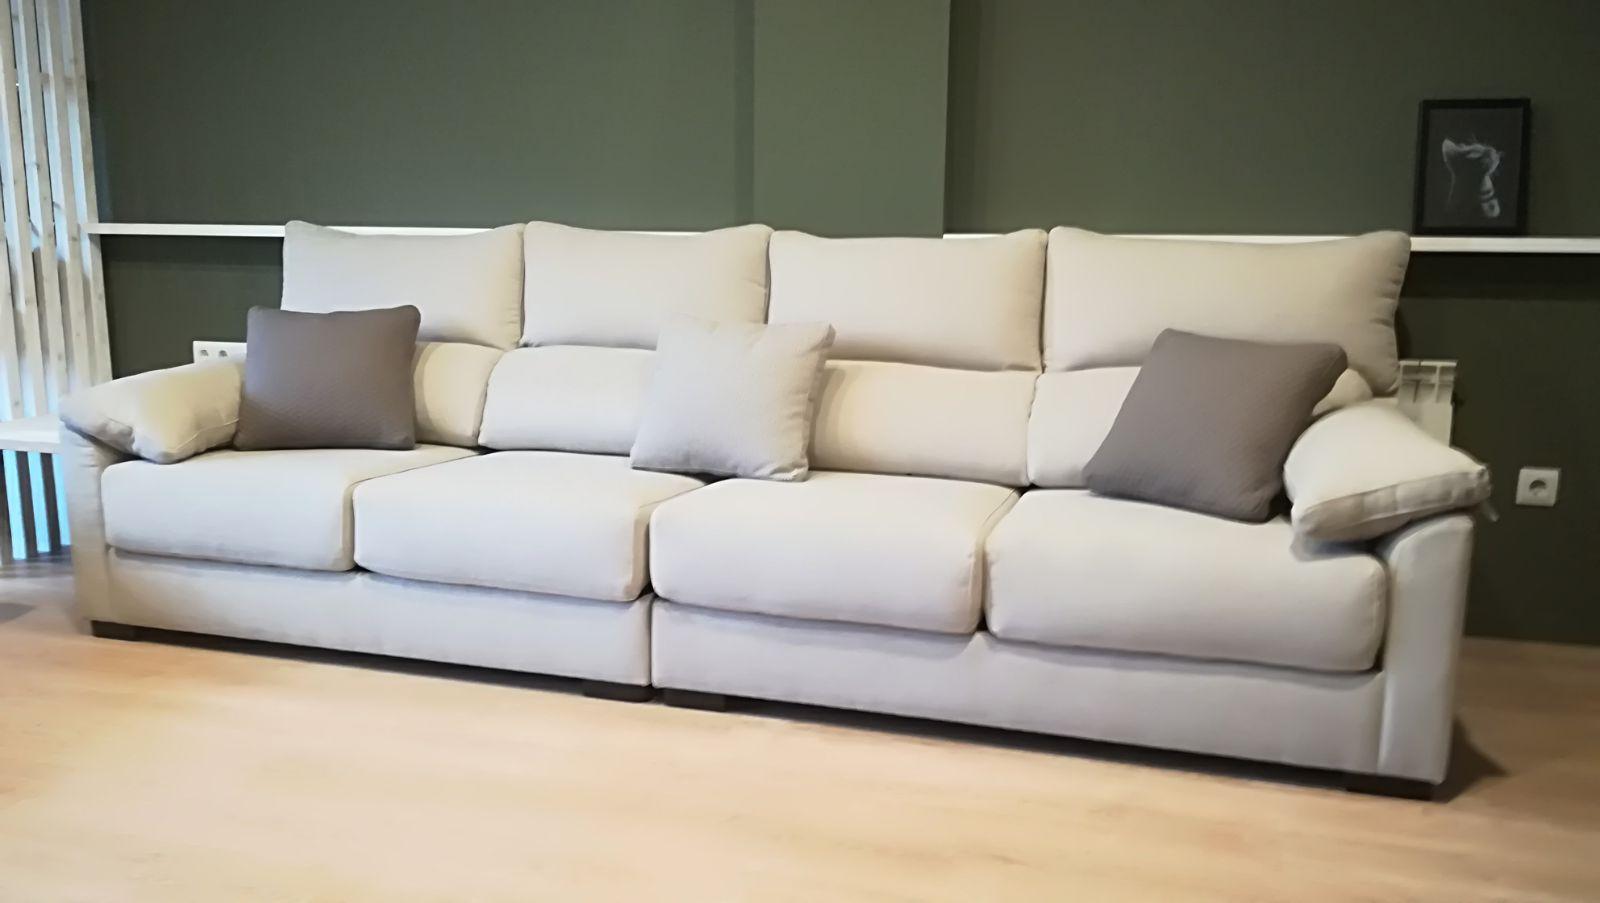 Sofas En Lugo E6d5 Mejor sofà Calidad Precio asiento Deslizante Respaldo Alto